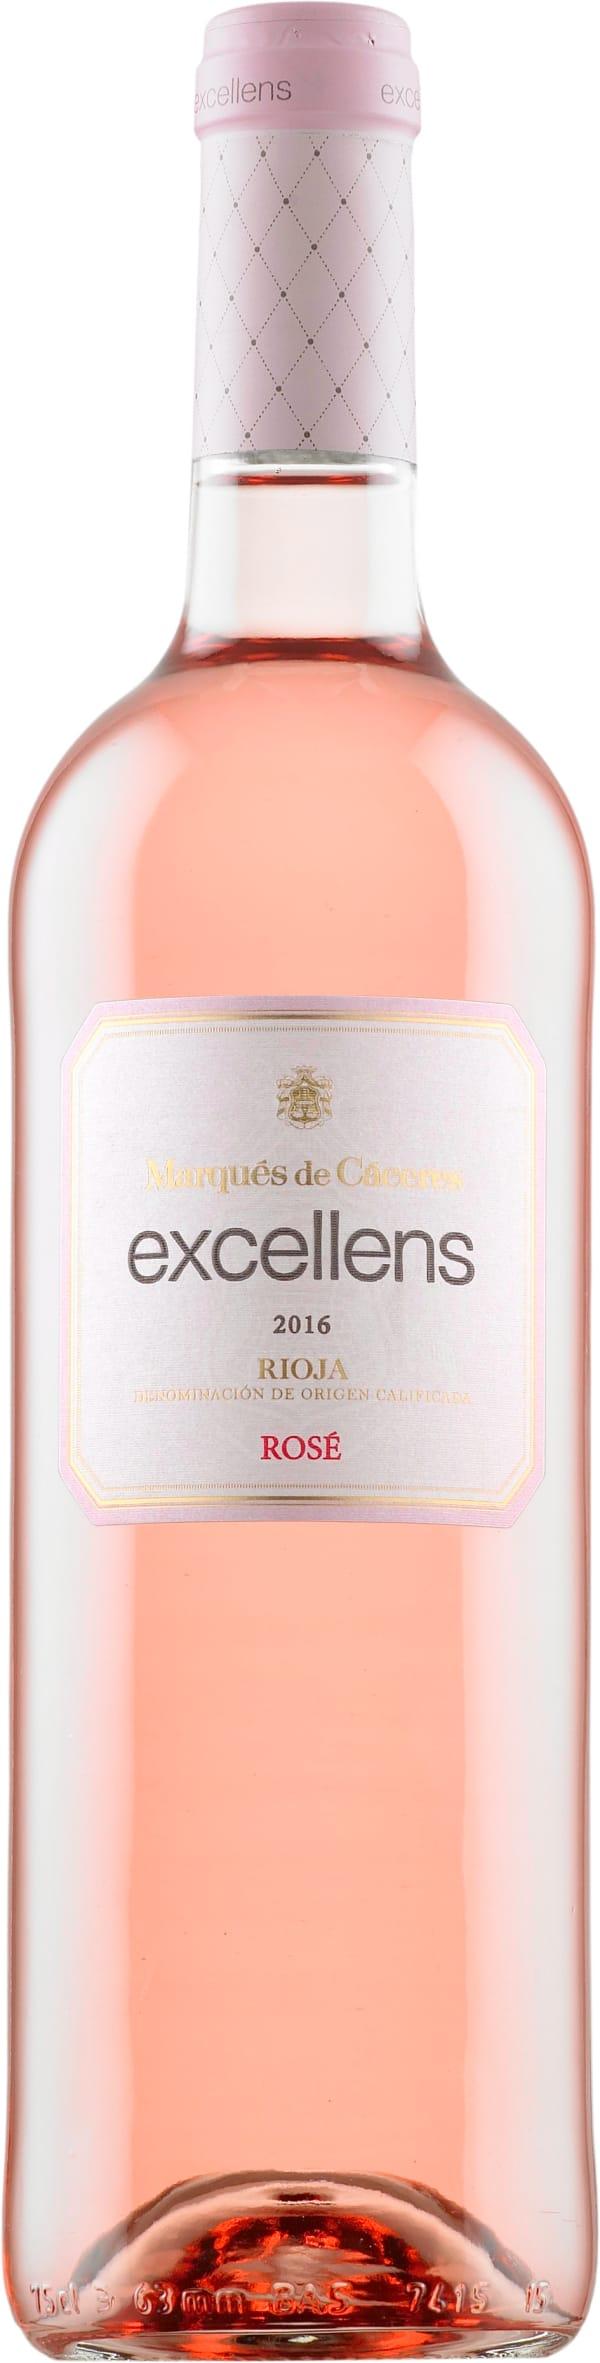 Marqués de Cáceres Excellens Rosé 2017